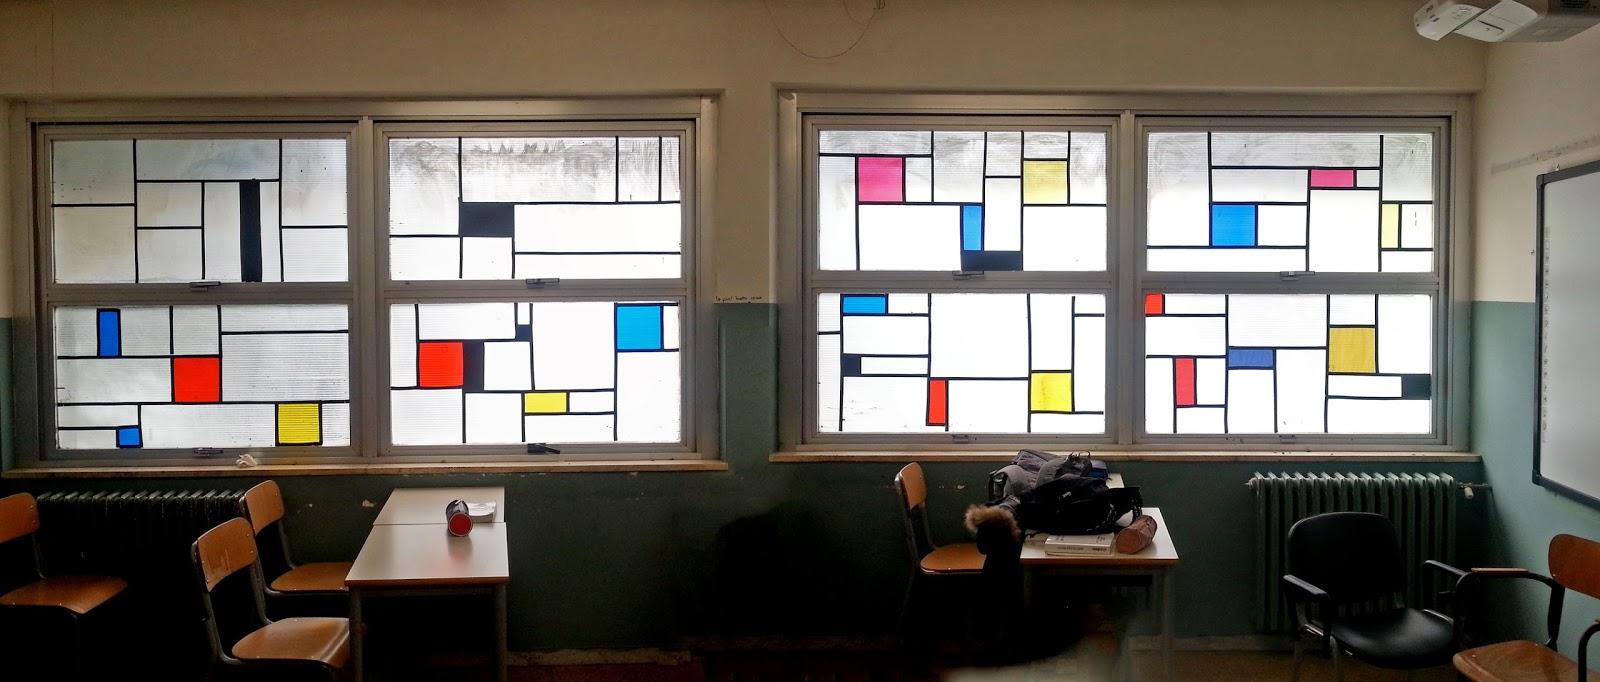 Prof argenti on line decorazione delle finestre for Decorazione finestre